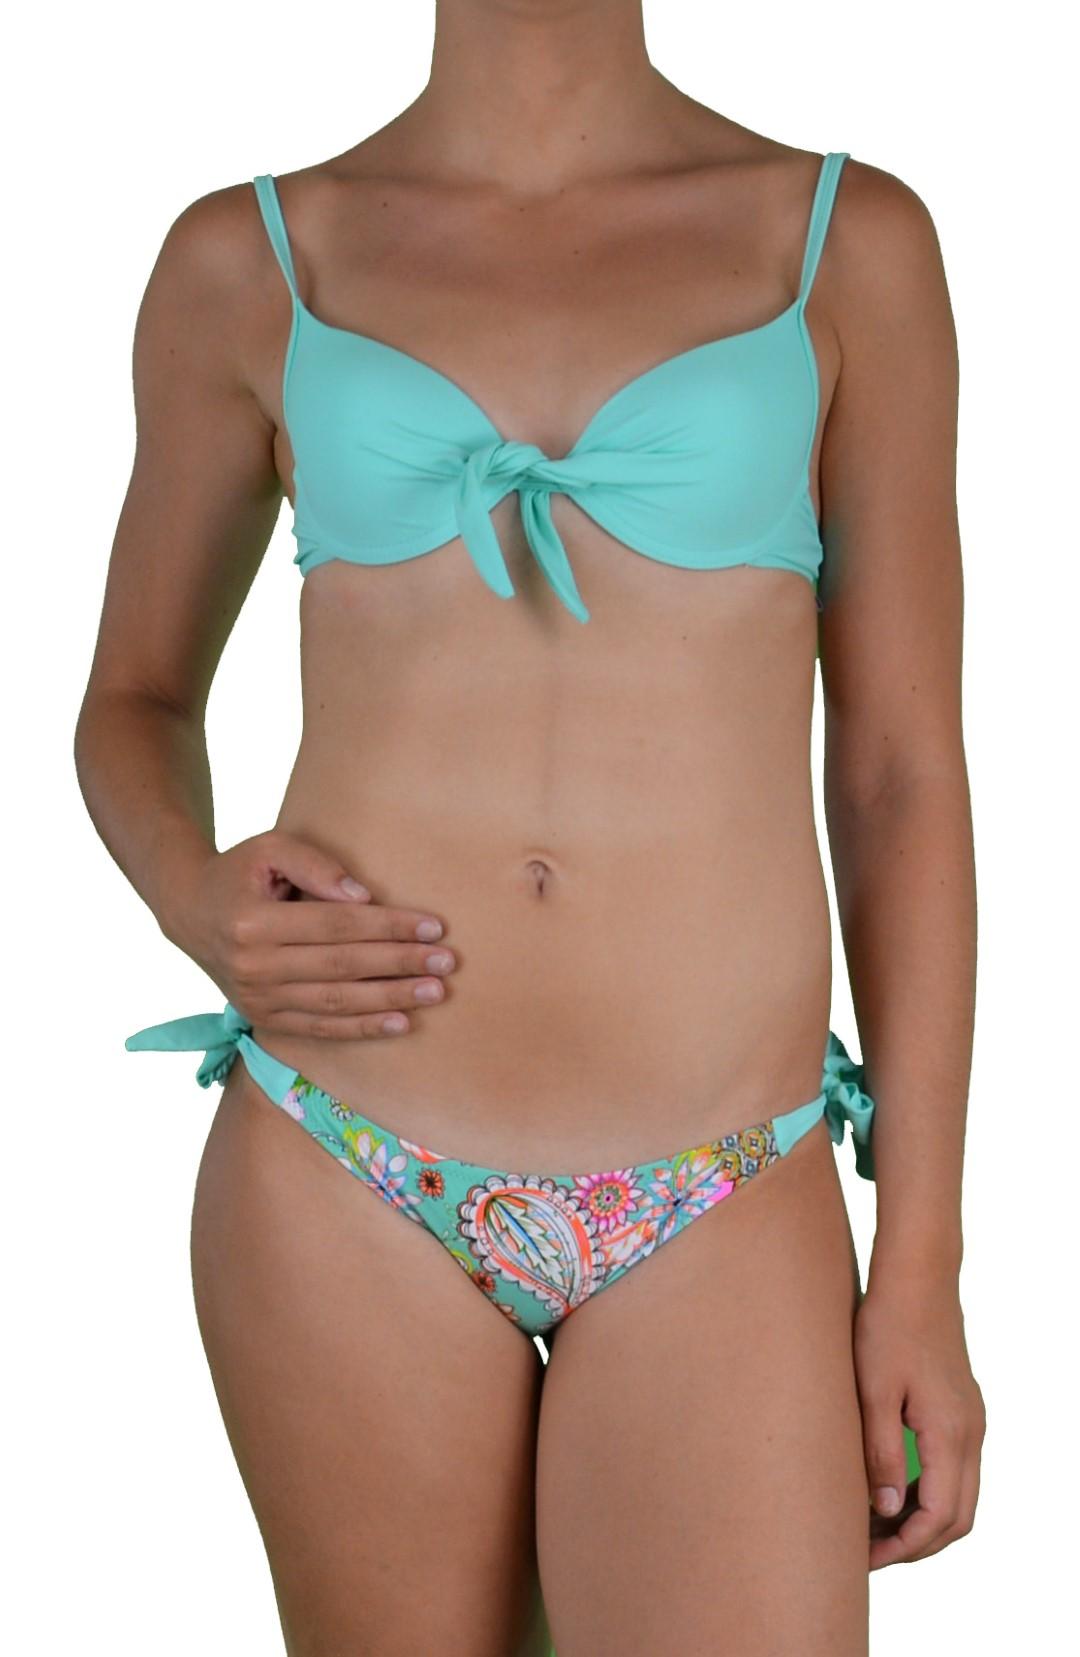 Γυναικεία   Παραλία   Μαγιό   Bikini   Γυναικείο μπικίνι μαγιώ ... 201e4c4ee50